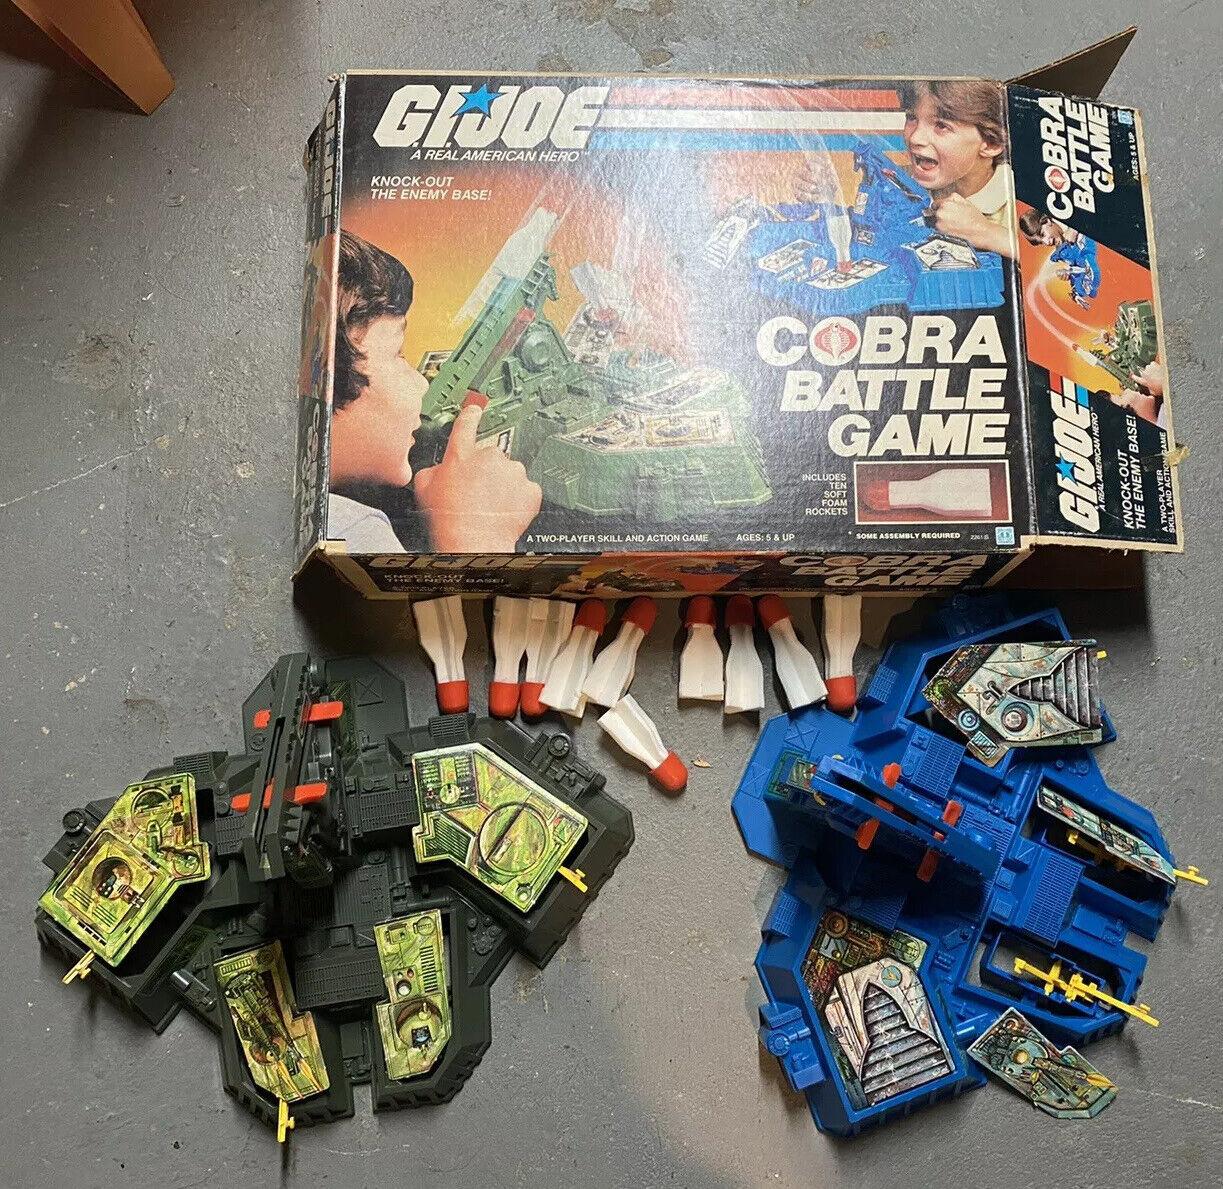 Vintage De Gi Joe Cobra batalla juego 1982 con Caja Completa